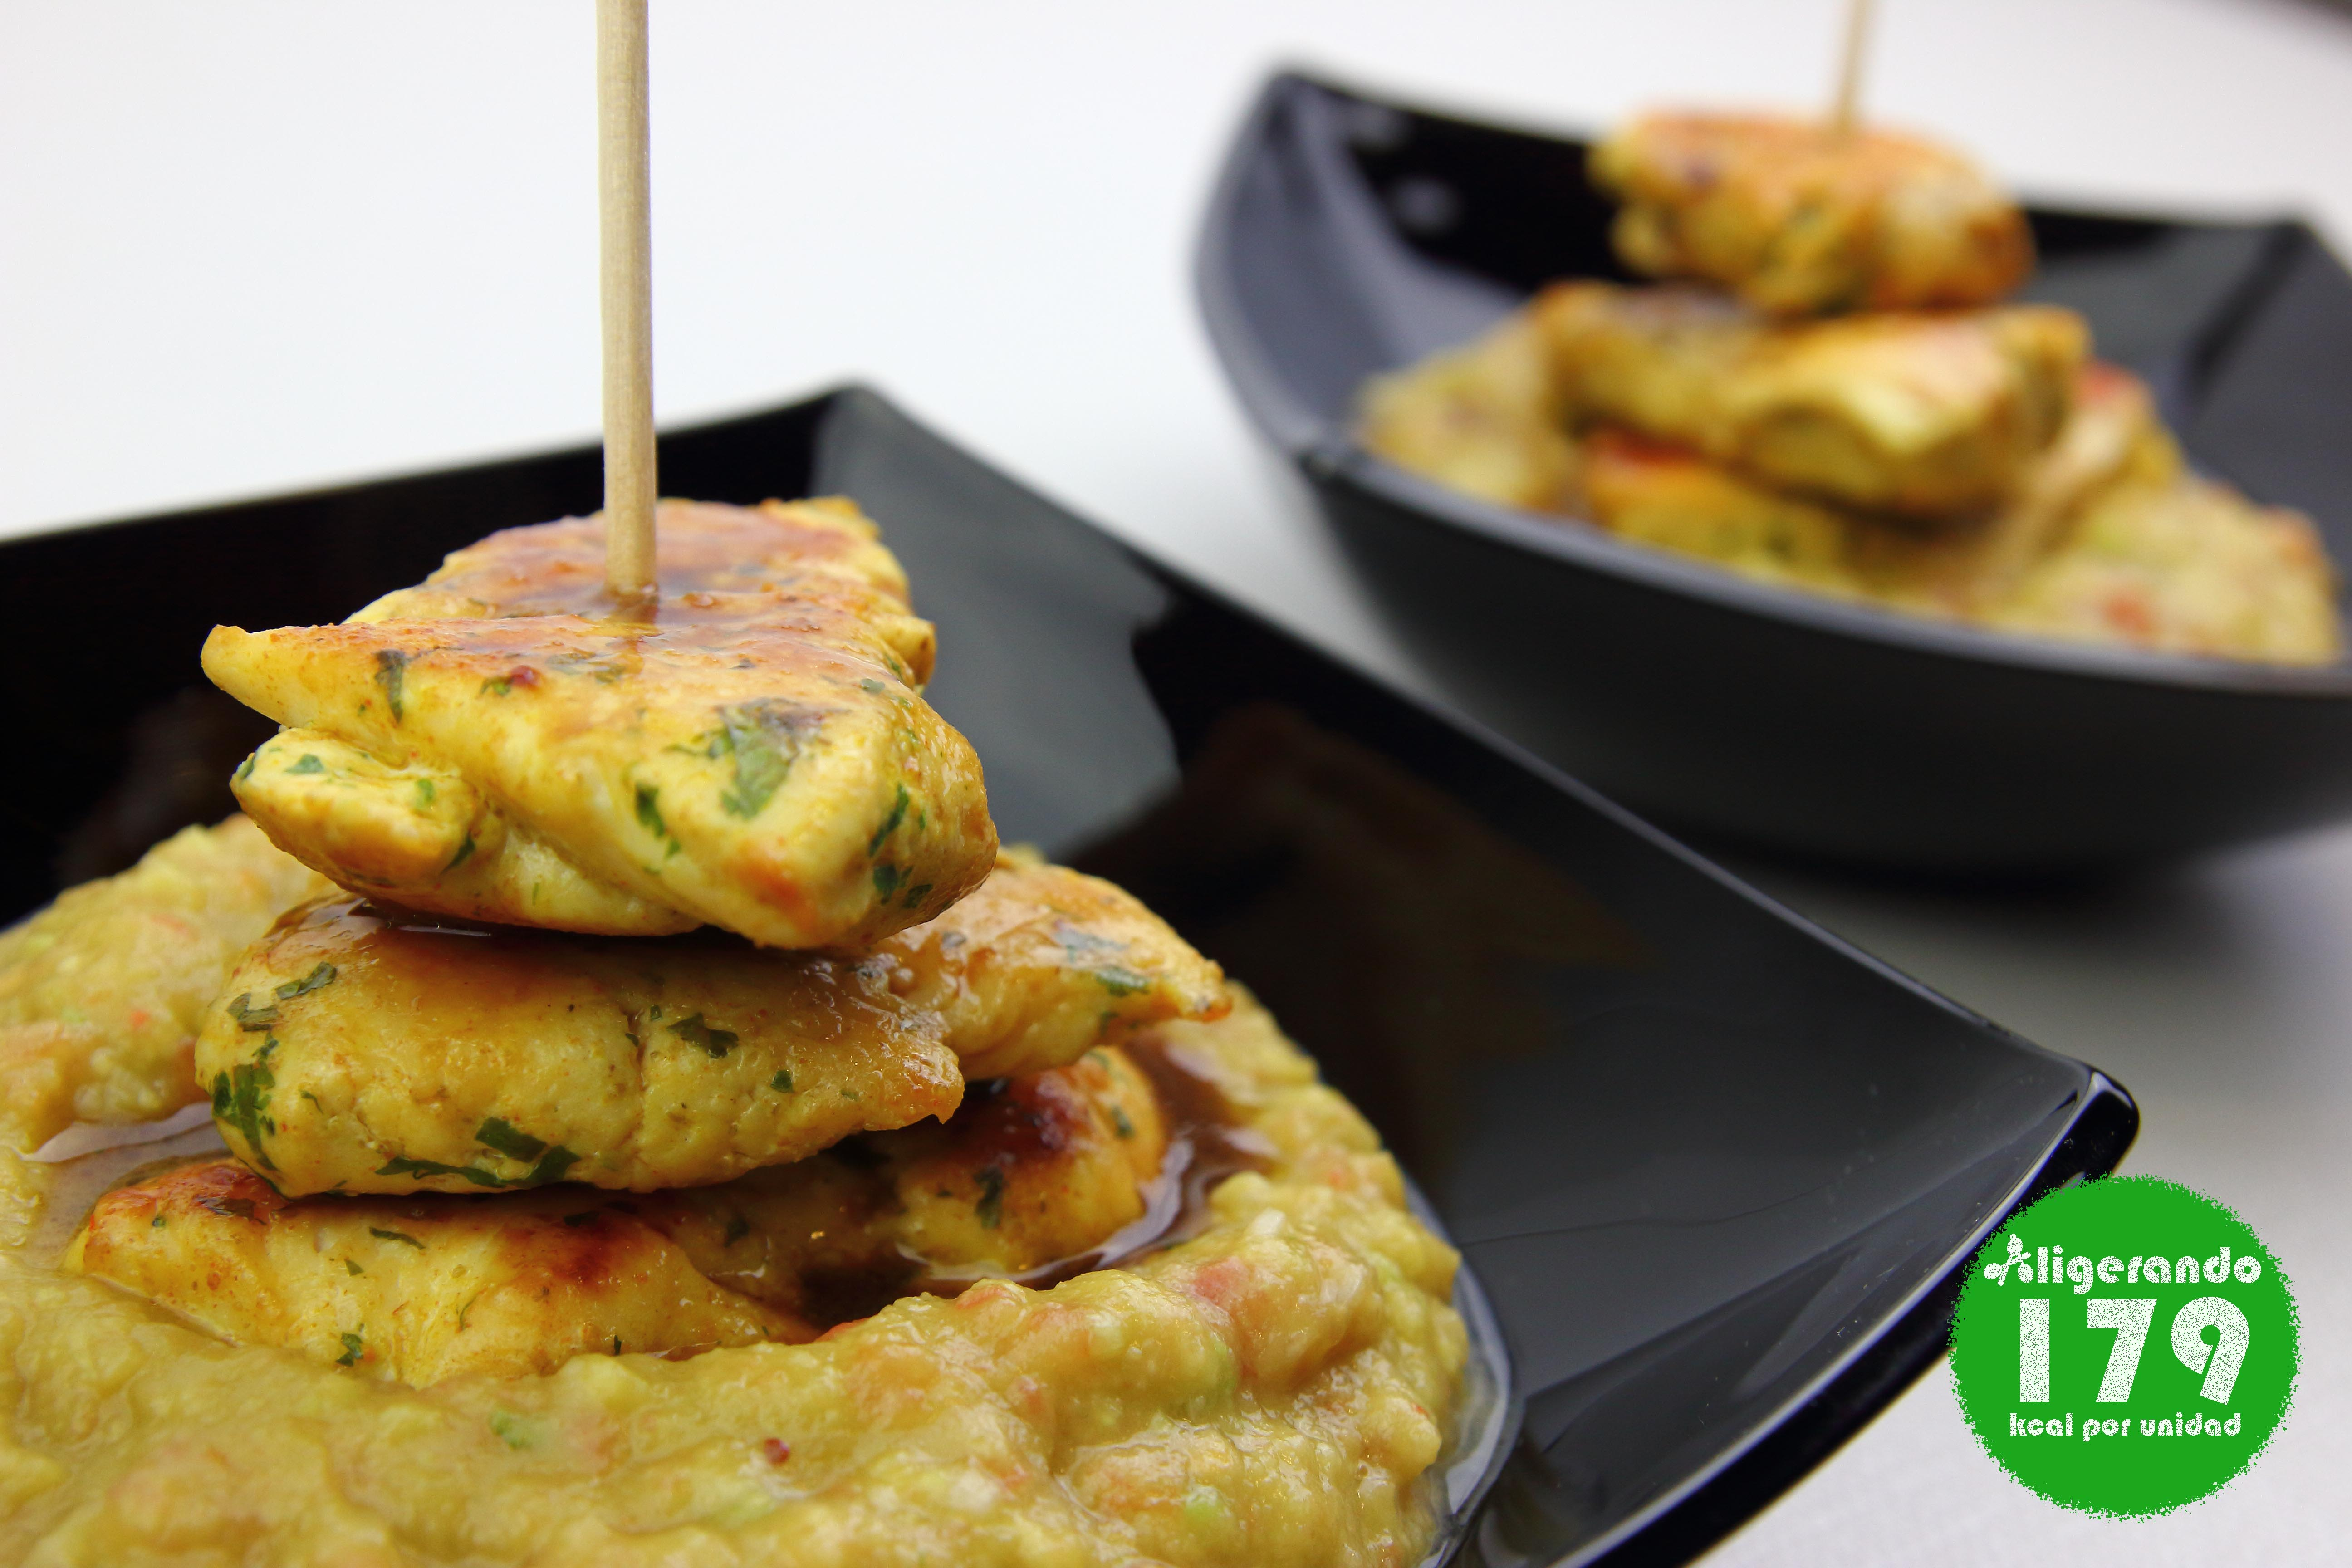 Brochetas de pollo. brocheta de pollo con guacamole, brocheta, pollo y guacamole. guacamole. guacamole y pollo, aguacate, salsa de soja, pollo, aligerando, restando calorías, recipe, receta, recipes, recetas, cocina ligera, receta baja en grasa, receta con número de calorías, calorías, receta calorías, cocina sana, receta sana, receta rica y sana, rico, sano, saludable, healthy, healthy food, receta light, light, receta saludable, receta foto, fotoreceta, receta paso a paso, receta baja en calorías, receta fácil, adelgazar, adelgazar comiendo, recetas para perder peso, receta para perder peso, recetas perder peso, receta perder peso, sin gluten, gluten free, sin lactosa.